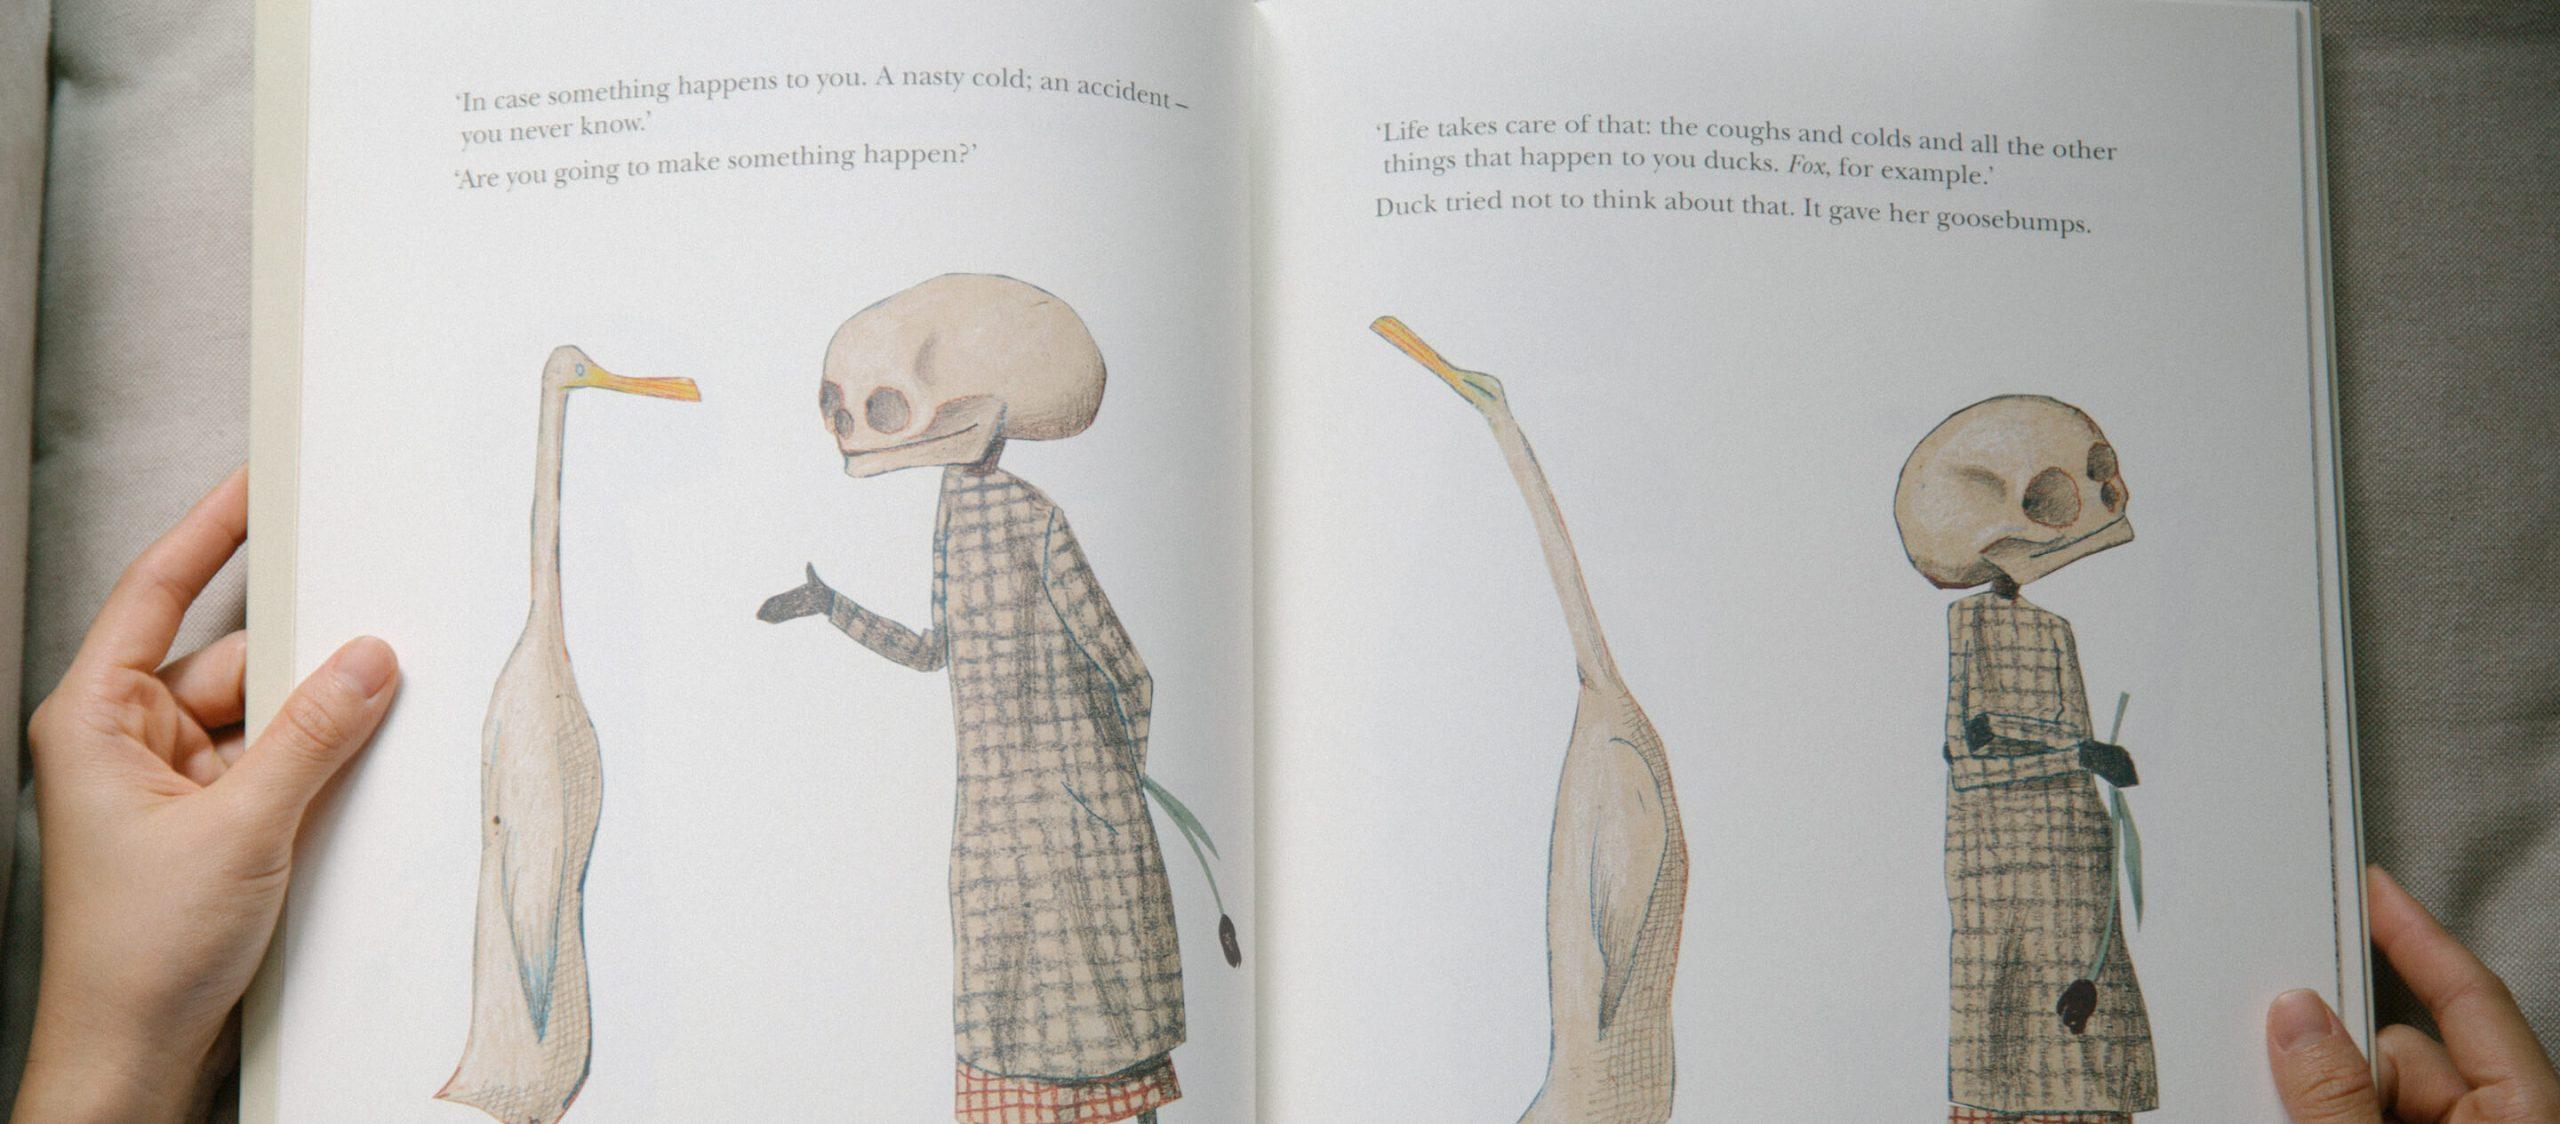 Duck, Death and the Tulip หนังสือภาพที่สอนให้เด็กรู้จักความตาย